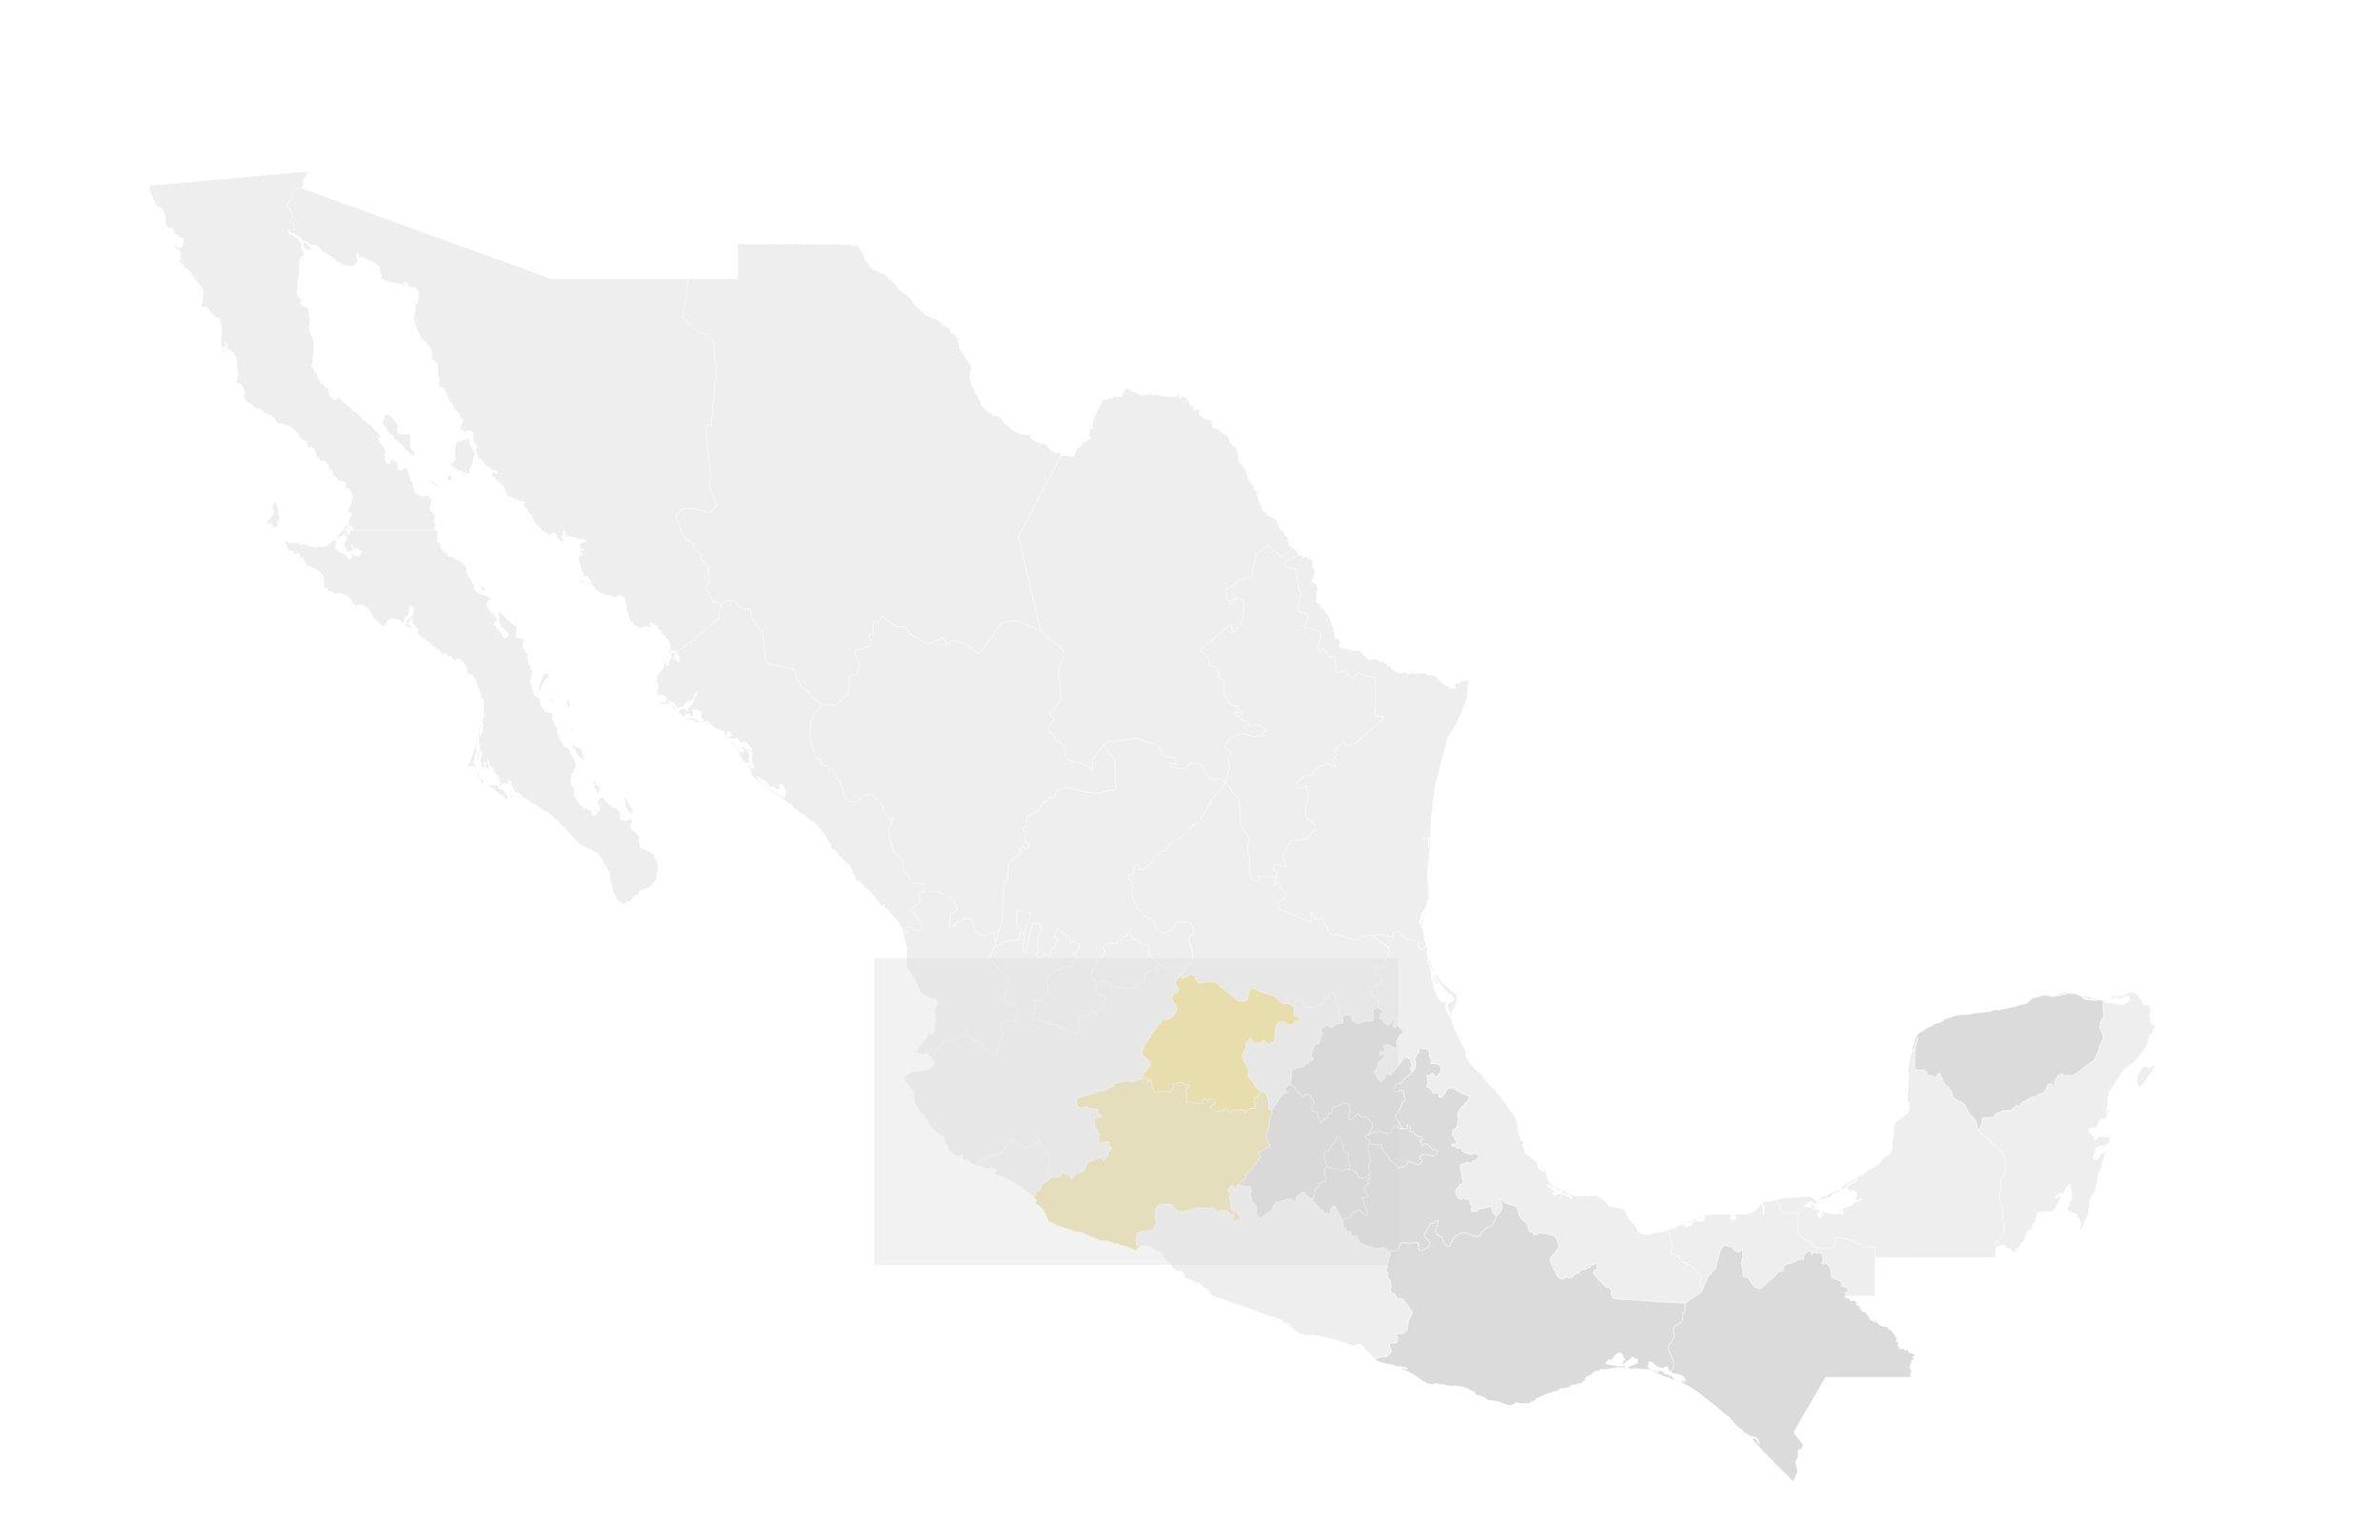 Zona Norte - Guanajuato I Michoacan